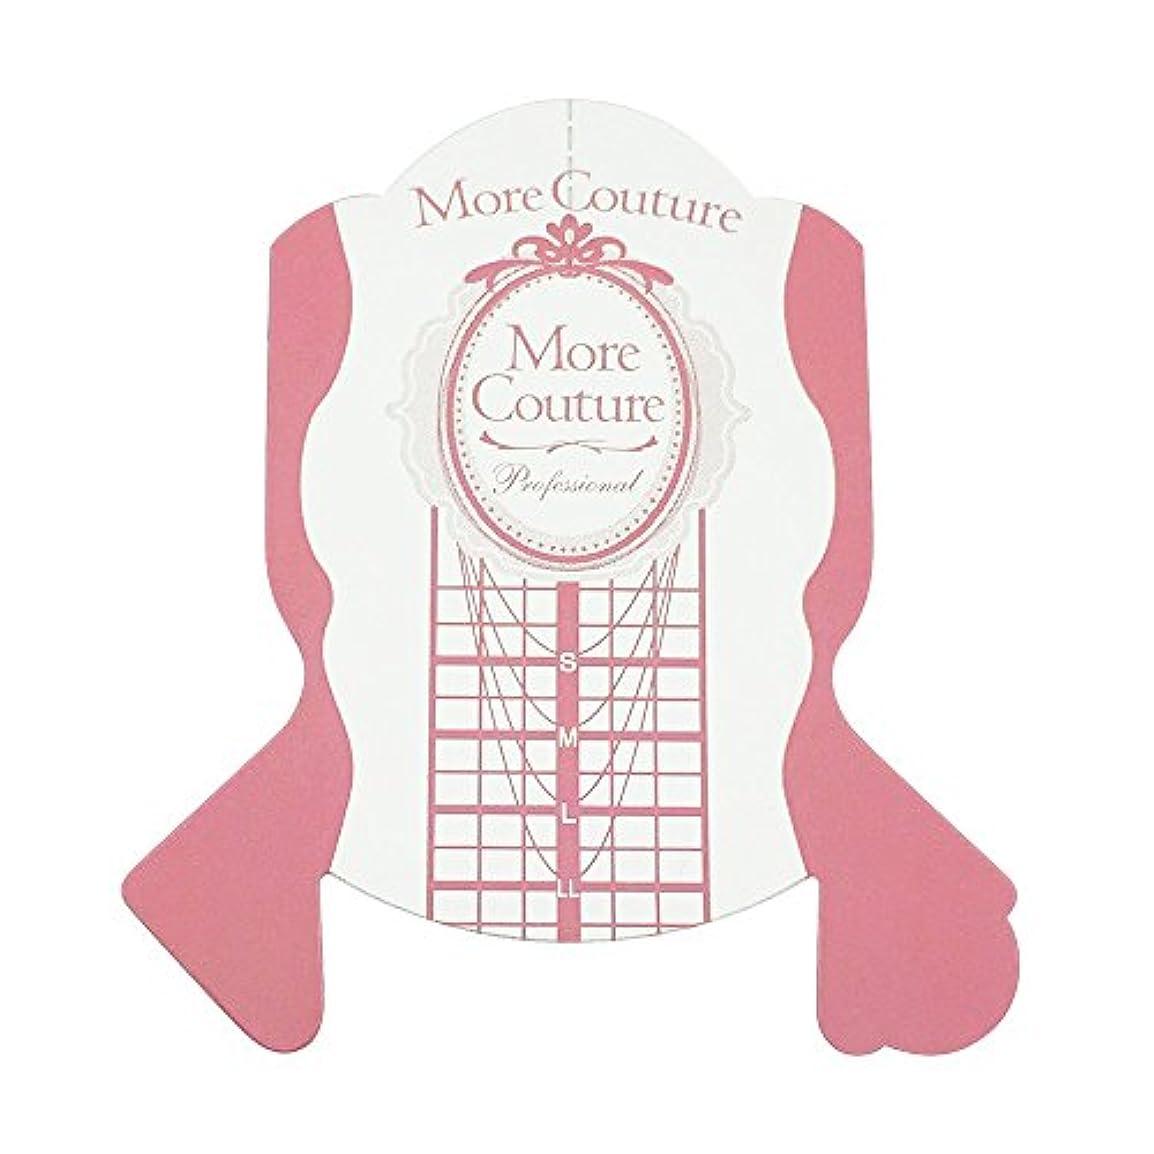 単語ラインマーティンルーサーキングジュニアMore Couture p ピンクフォーム 100枚 ネイルフォーム